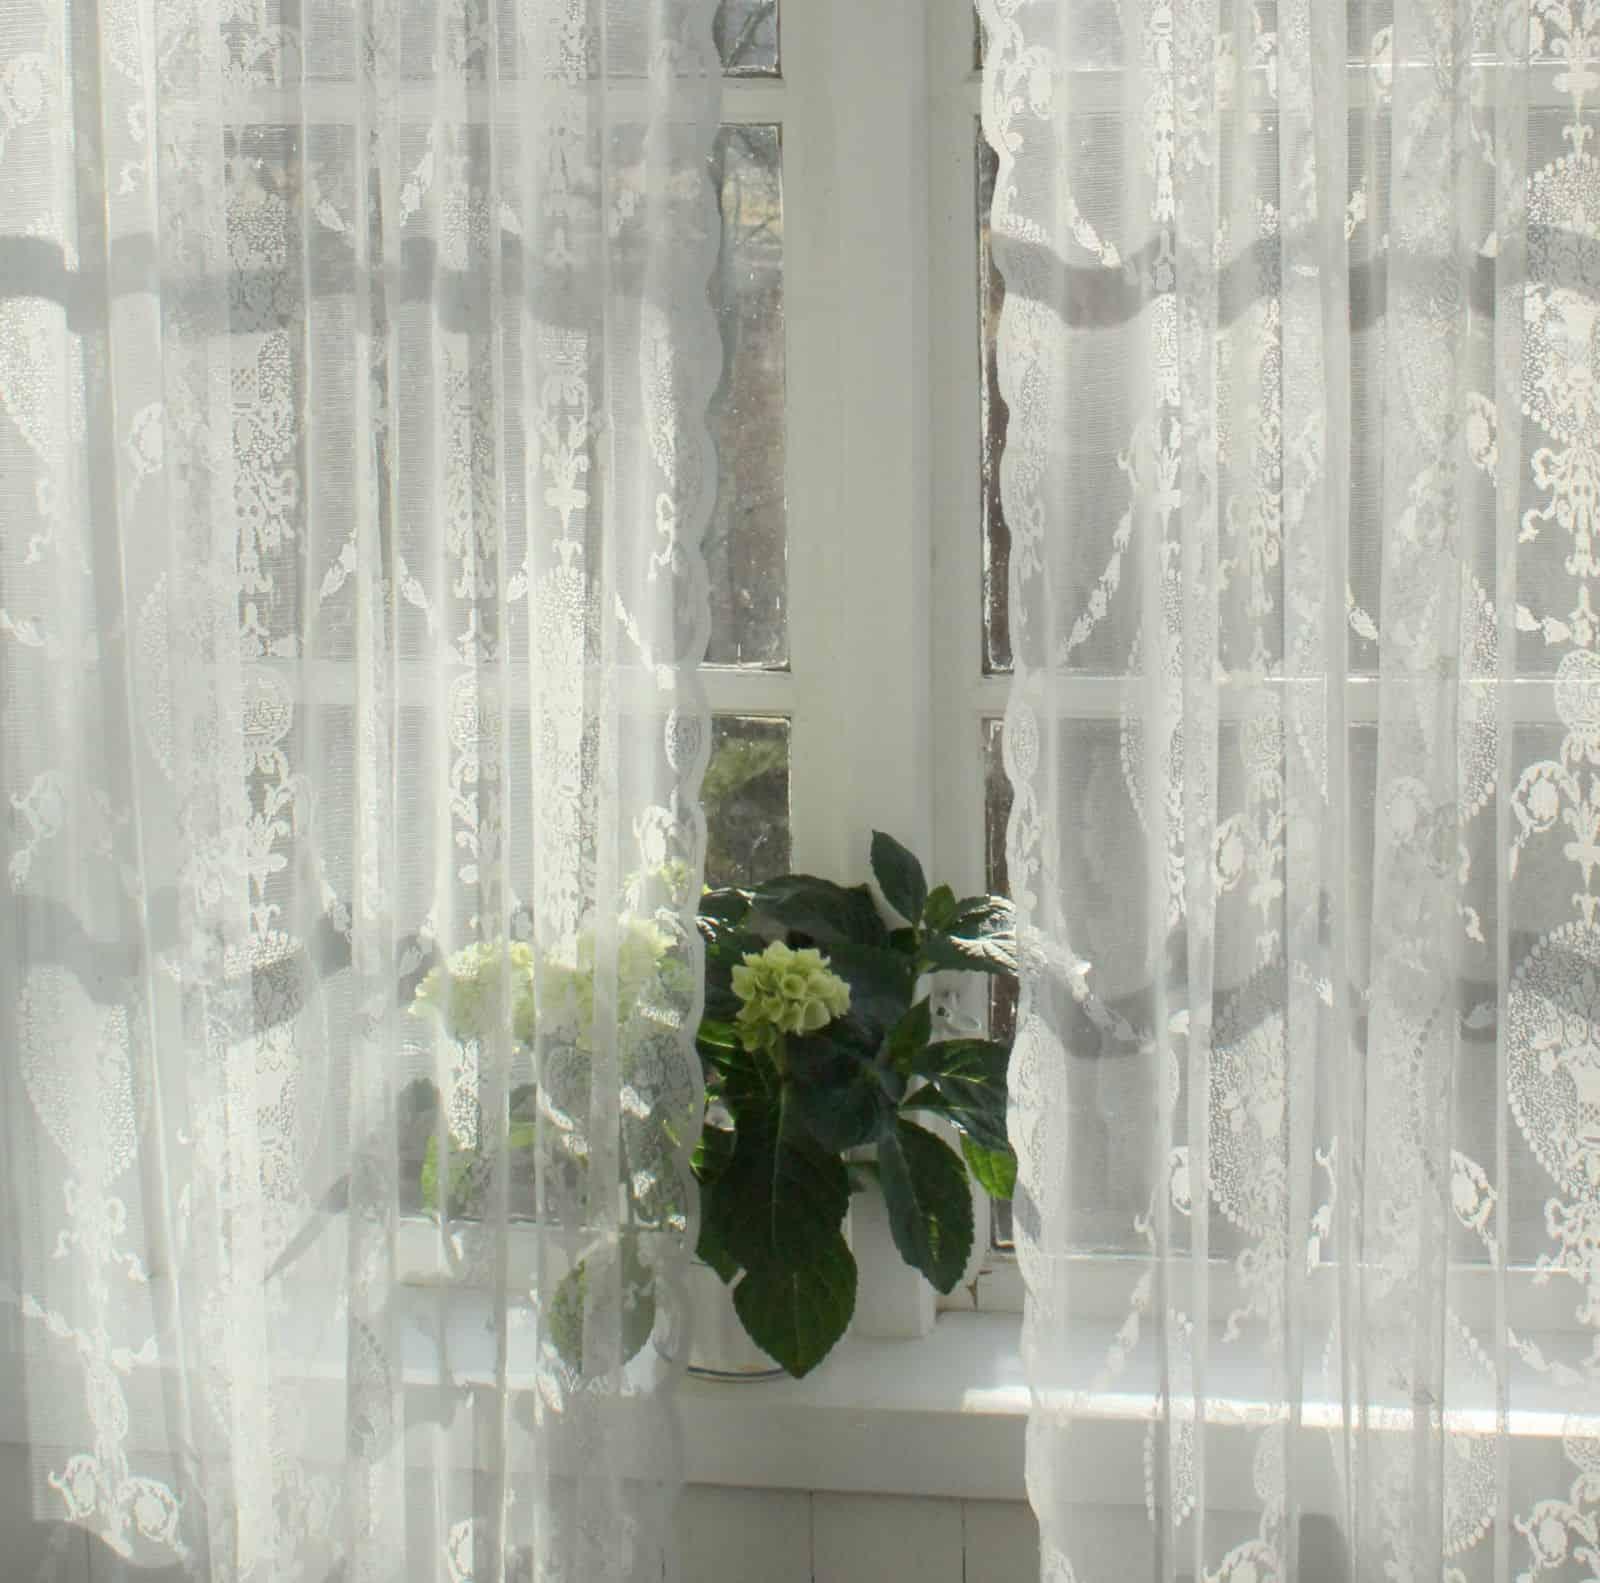 Full Size of Vorhang Avery Offwhite Spitzen Gardine Shabby Landhaus Sofa Landhausstil Schlafzimmer Landhausküche Gebraucht Fenster Gardinen Betten Weisse Küche Bad Wohnzimmer Gardine Landhaus